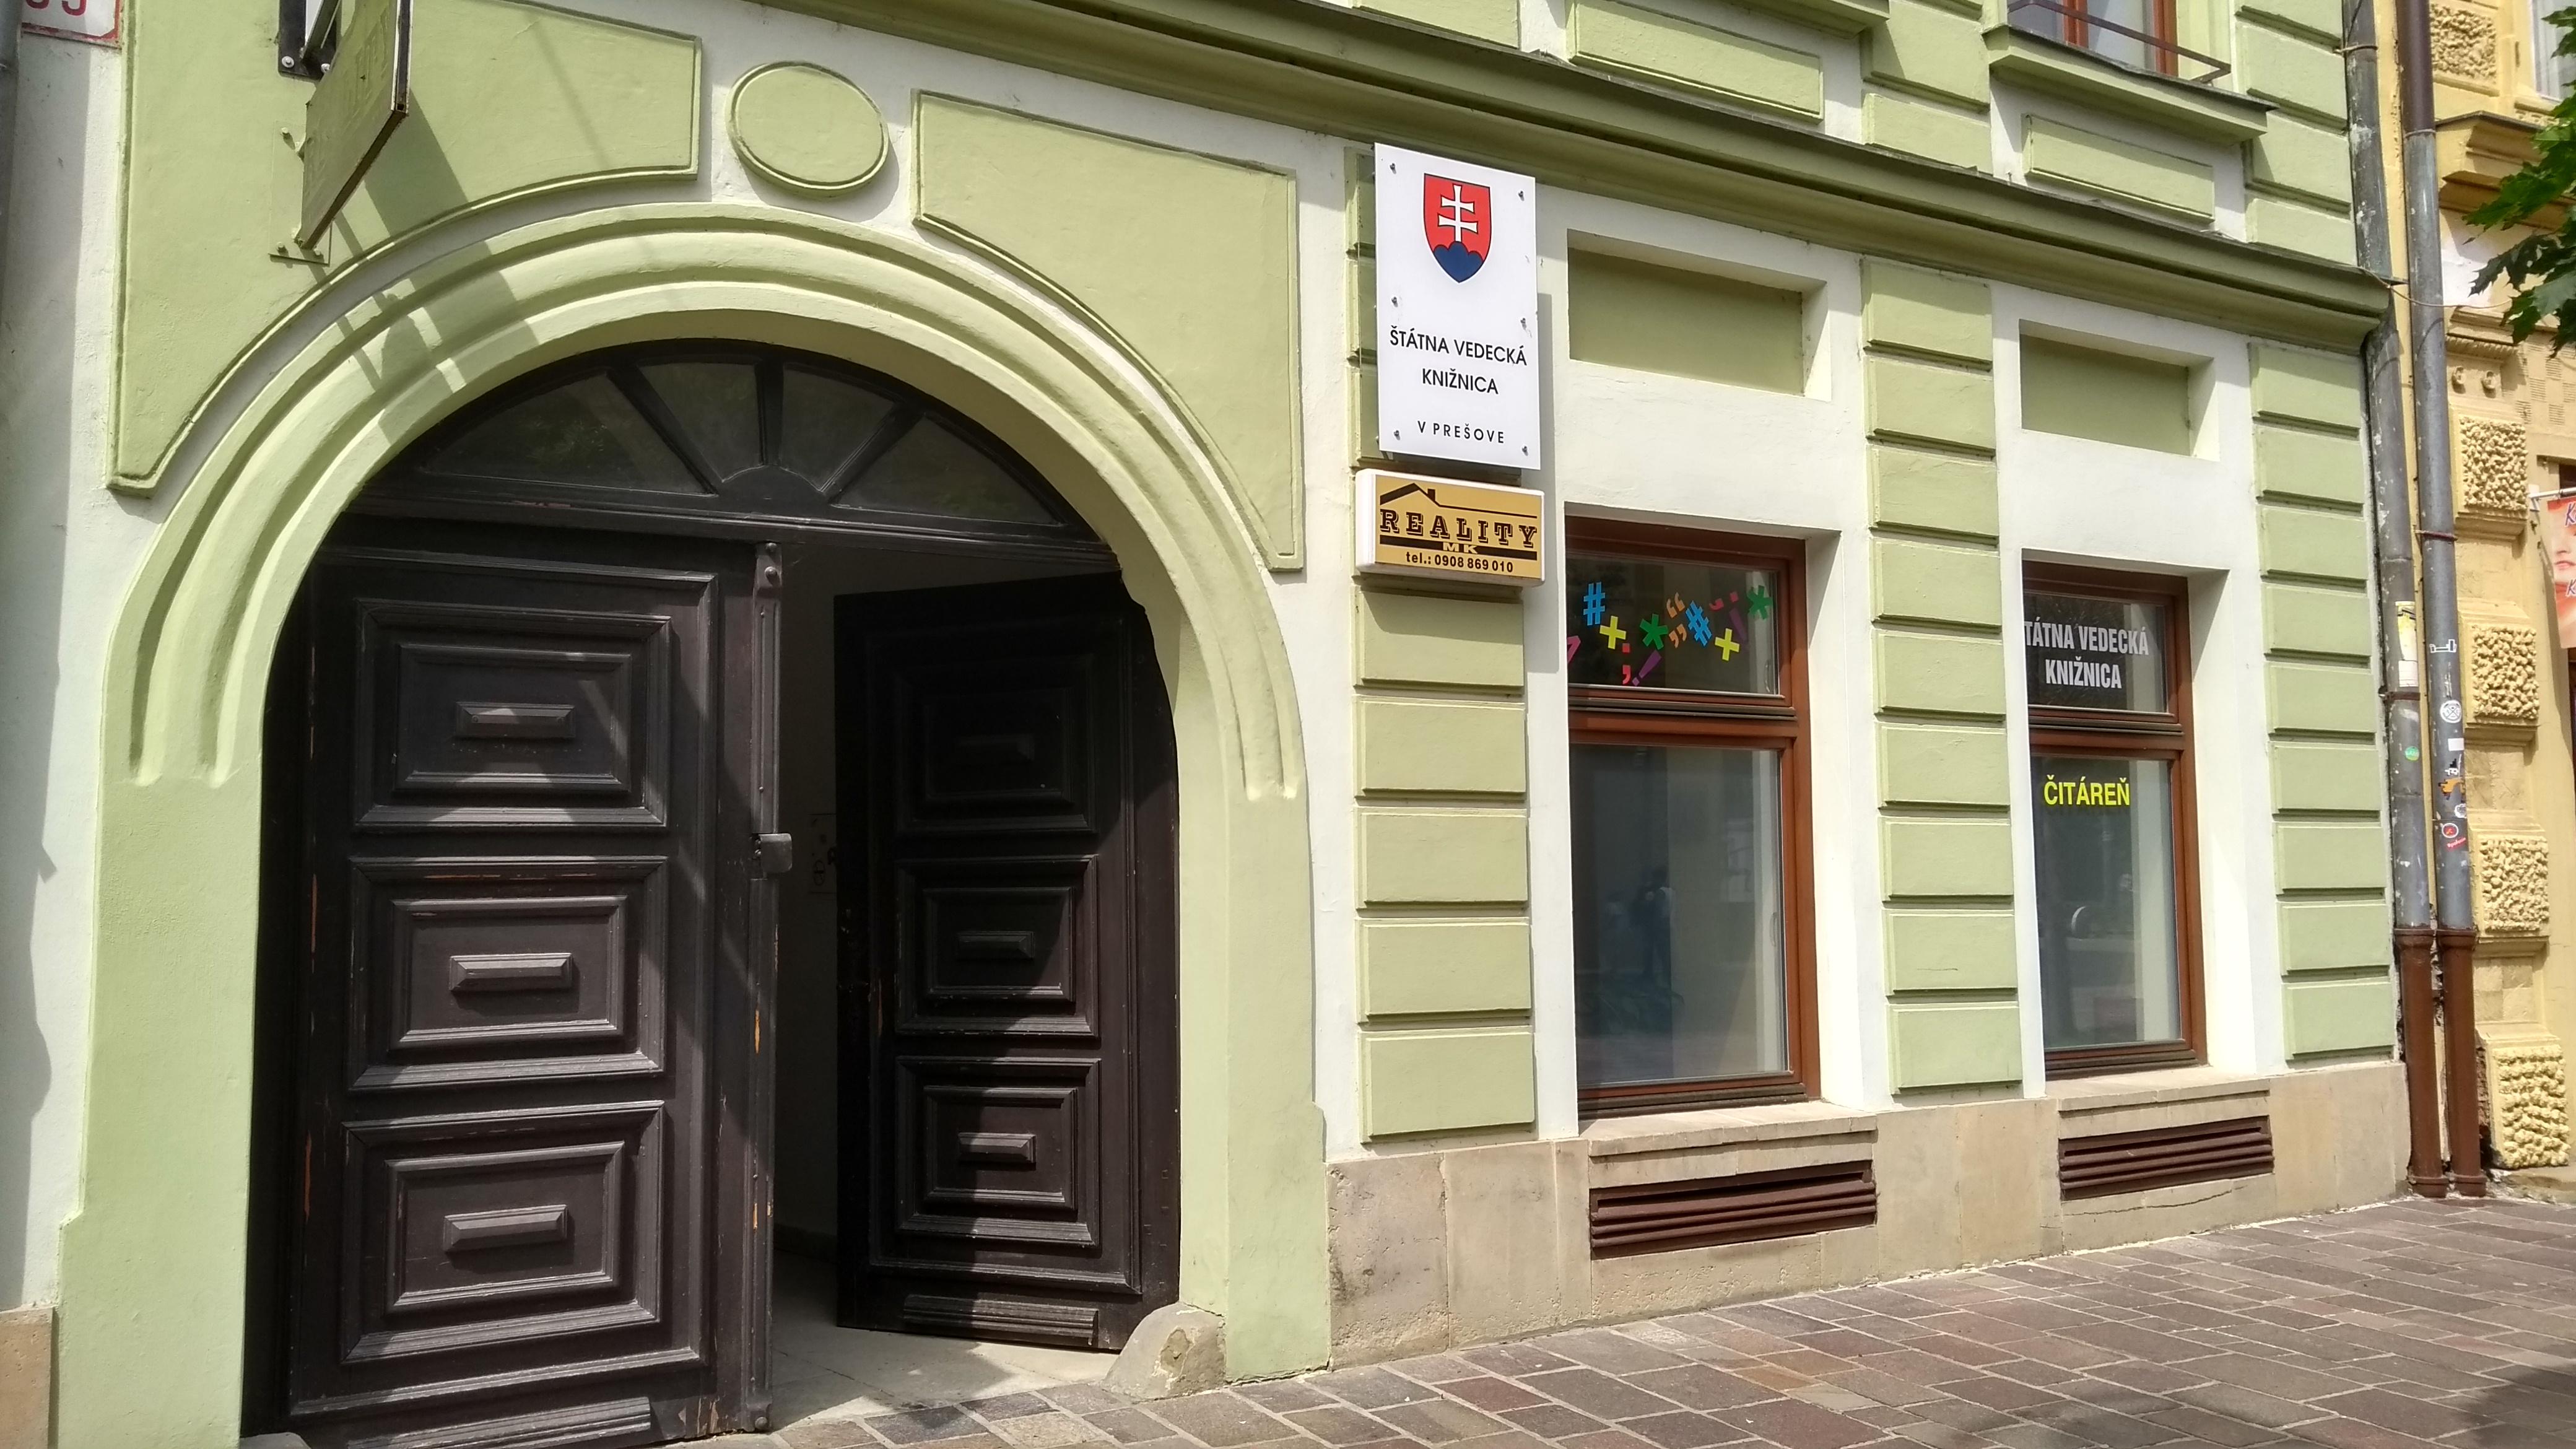 Štátna vedecká knižnica v Prešove (Window Gallery)